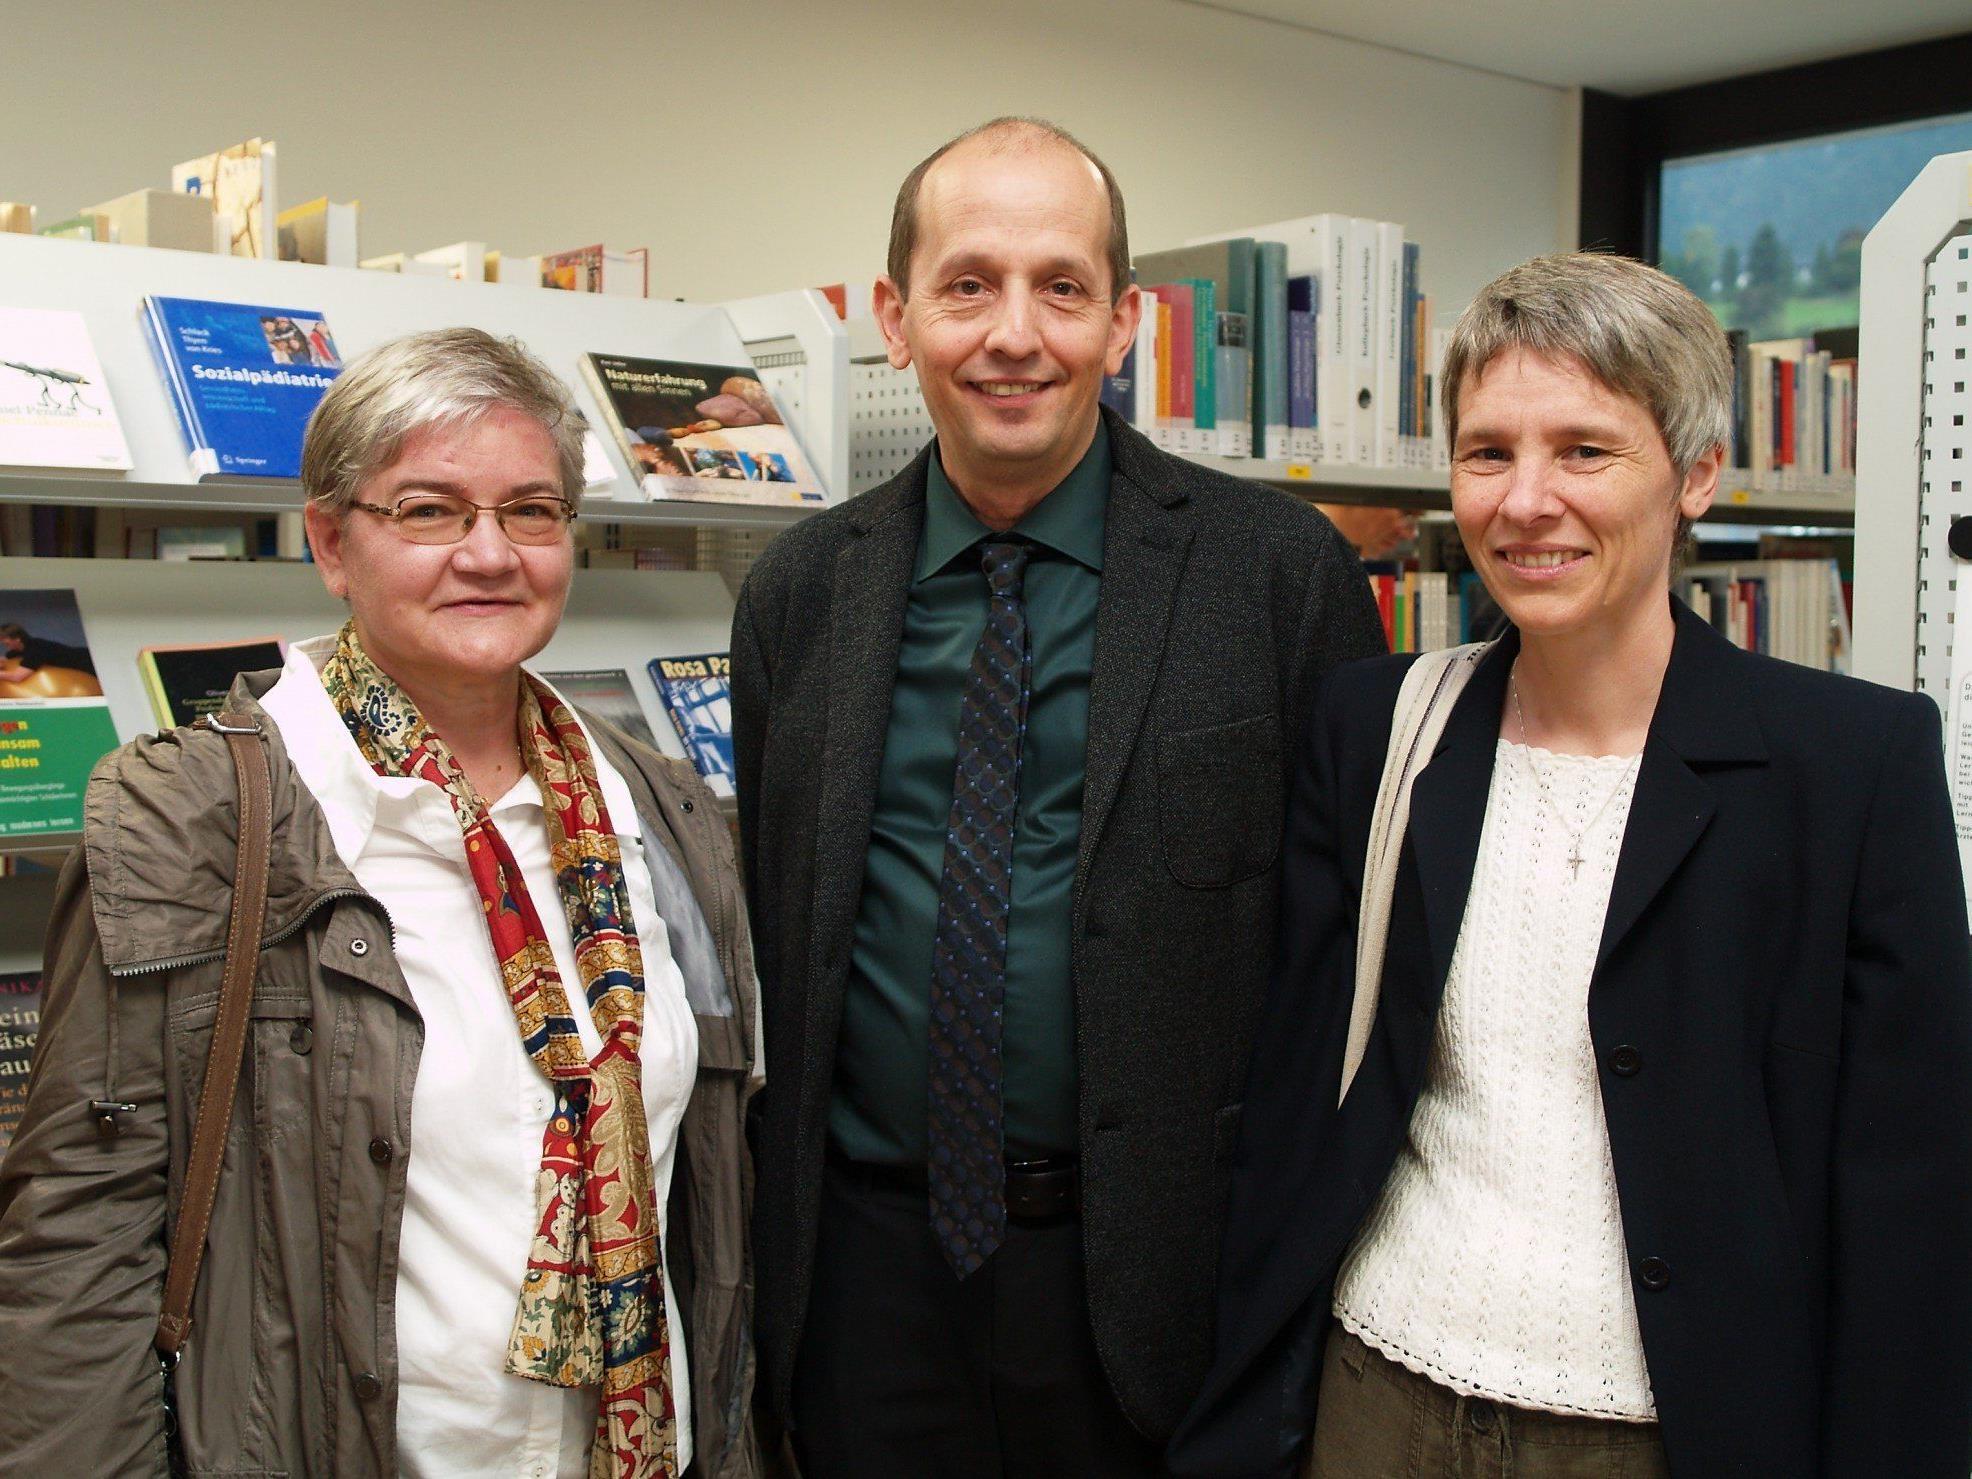 Schulleiter Gerhart Hofer mit Rosalia Kohler und Brigitte Knünz vom Werk der Frohbotschaft.